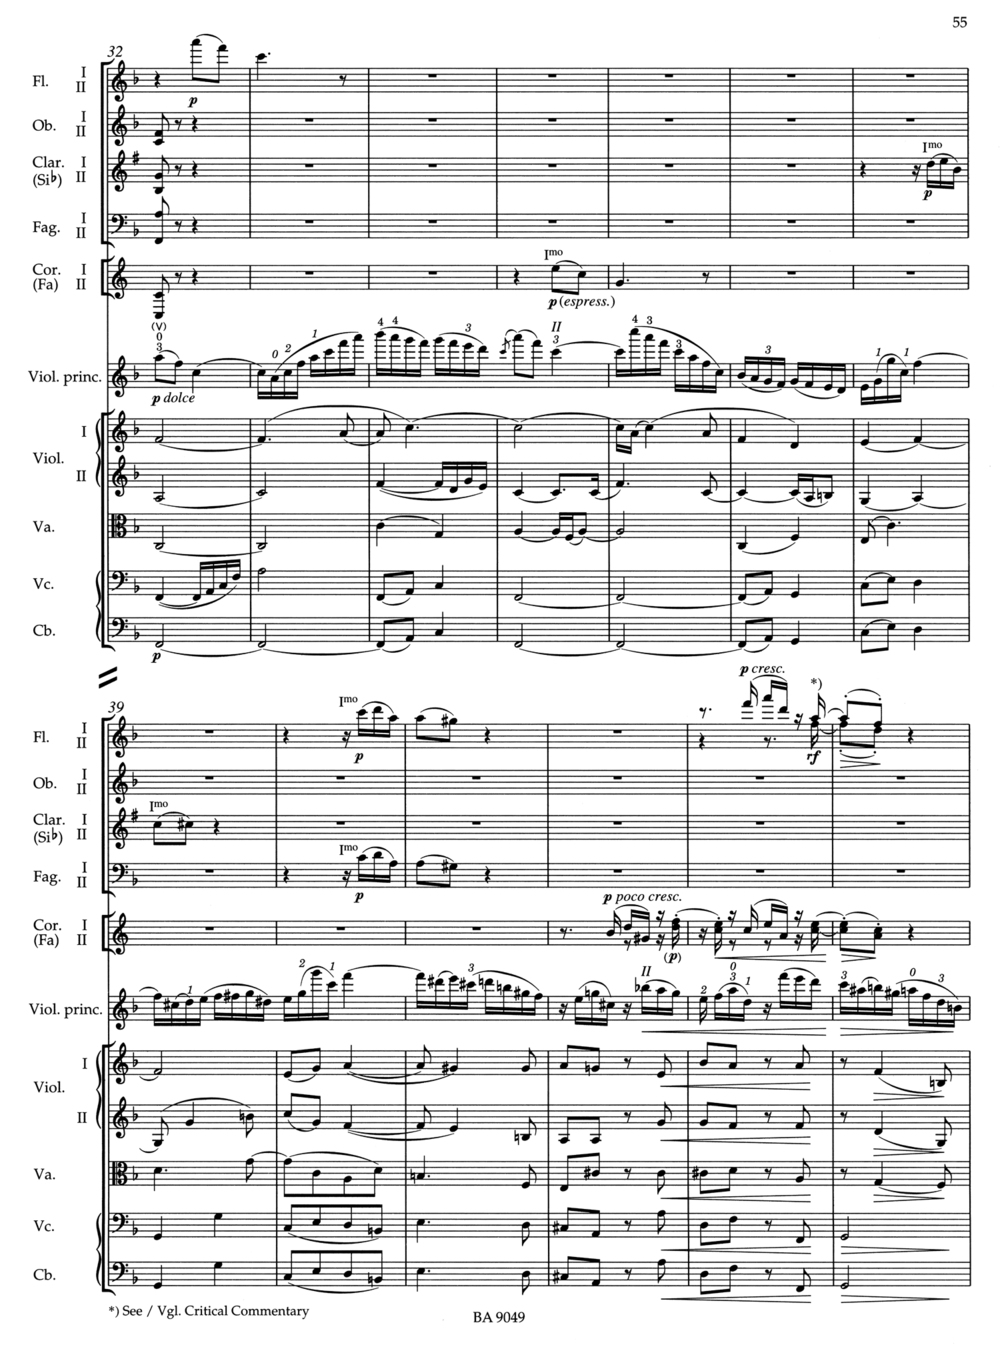 Brahms Violin Score 3.jpg